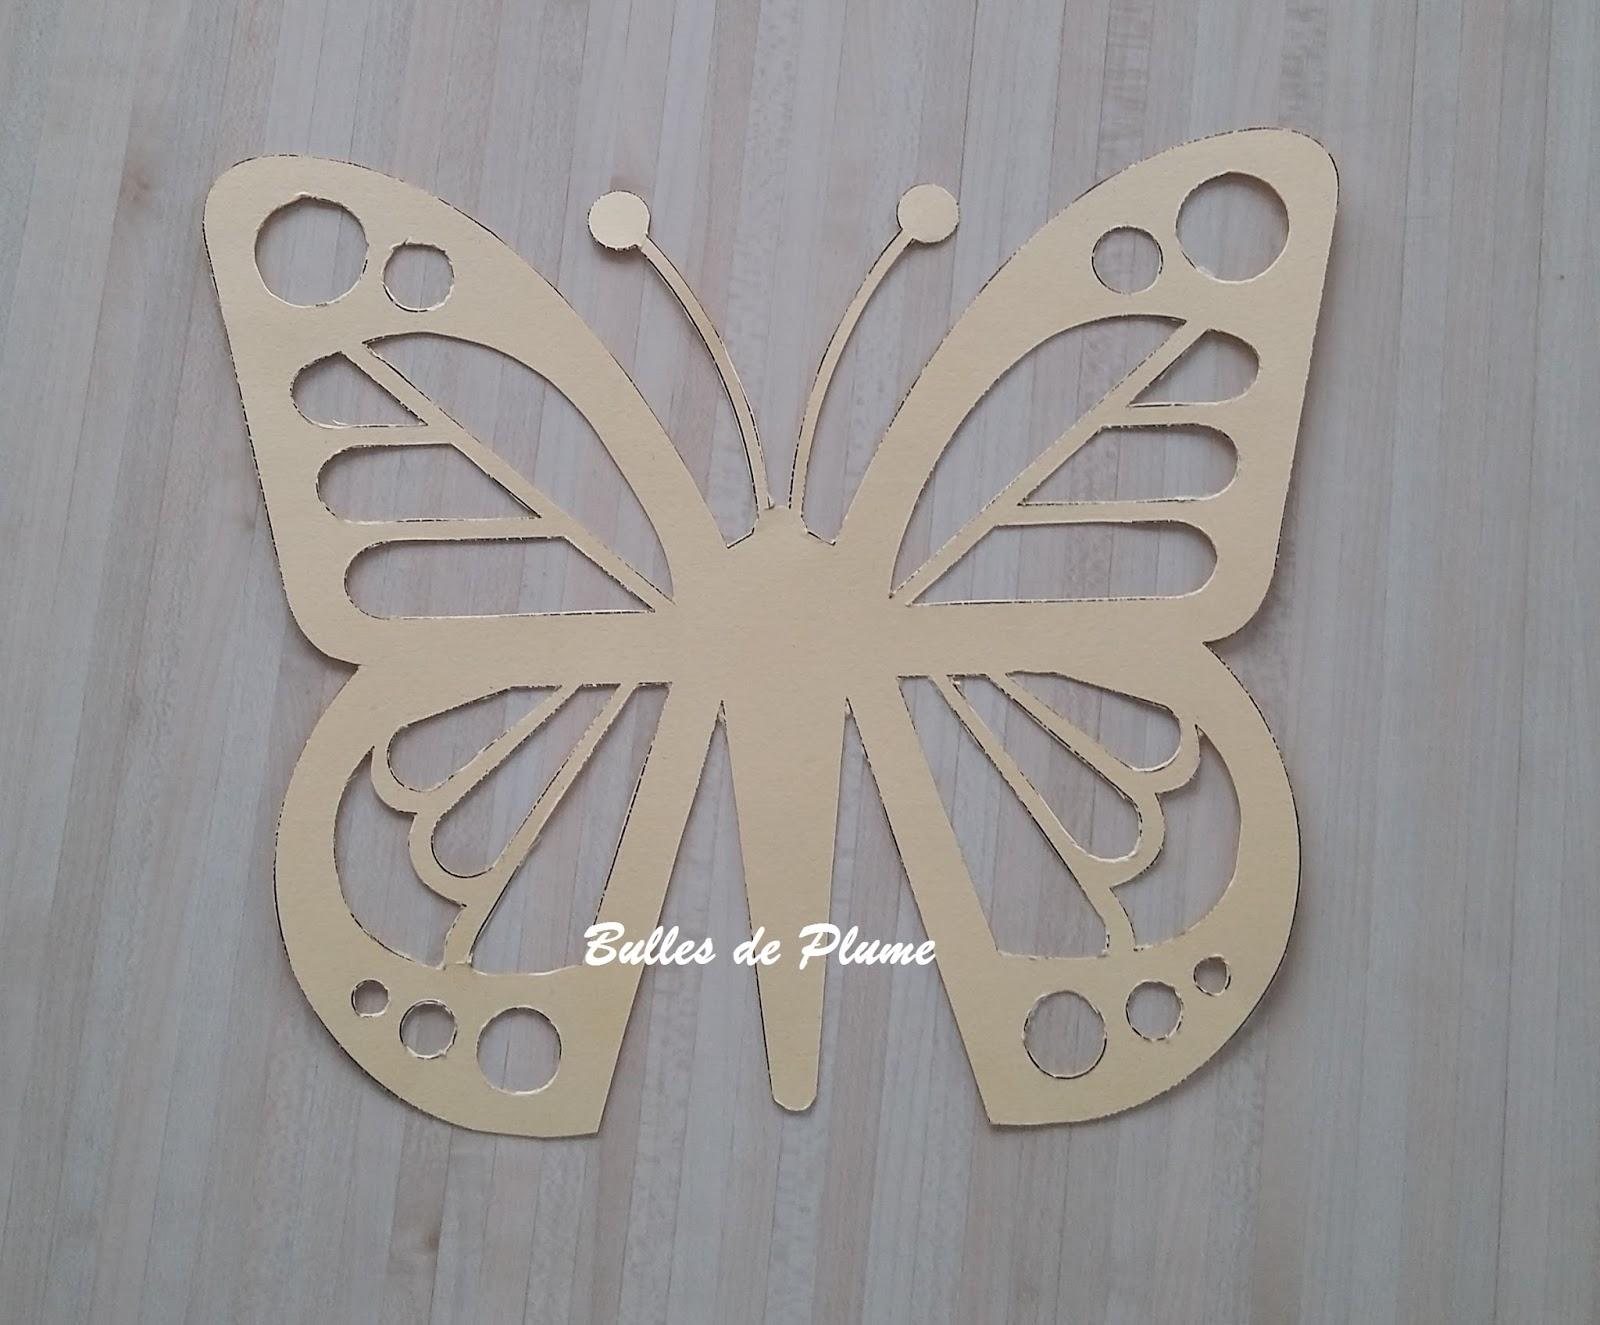 Bulles de plume diy papillon attrape soleil - Comment faire passer un coup de soleil ...